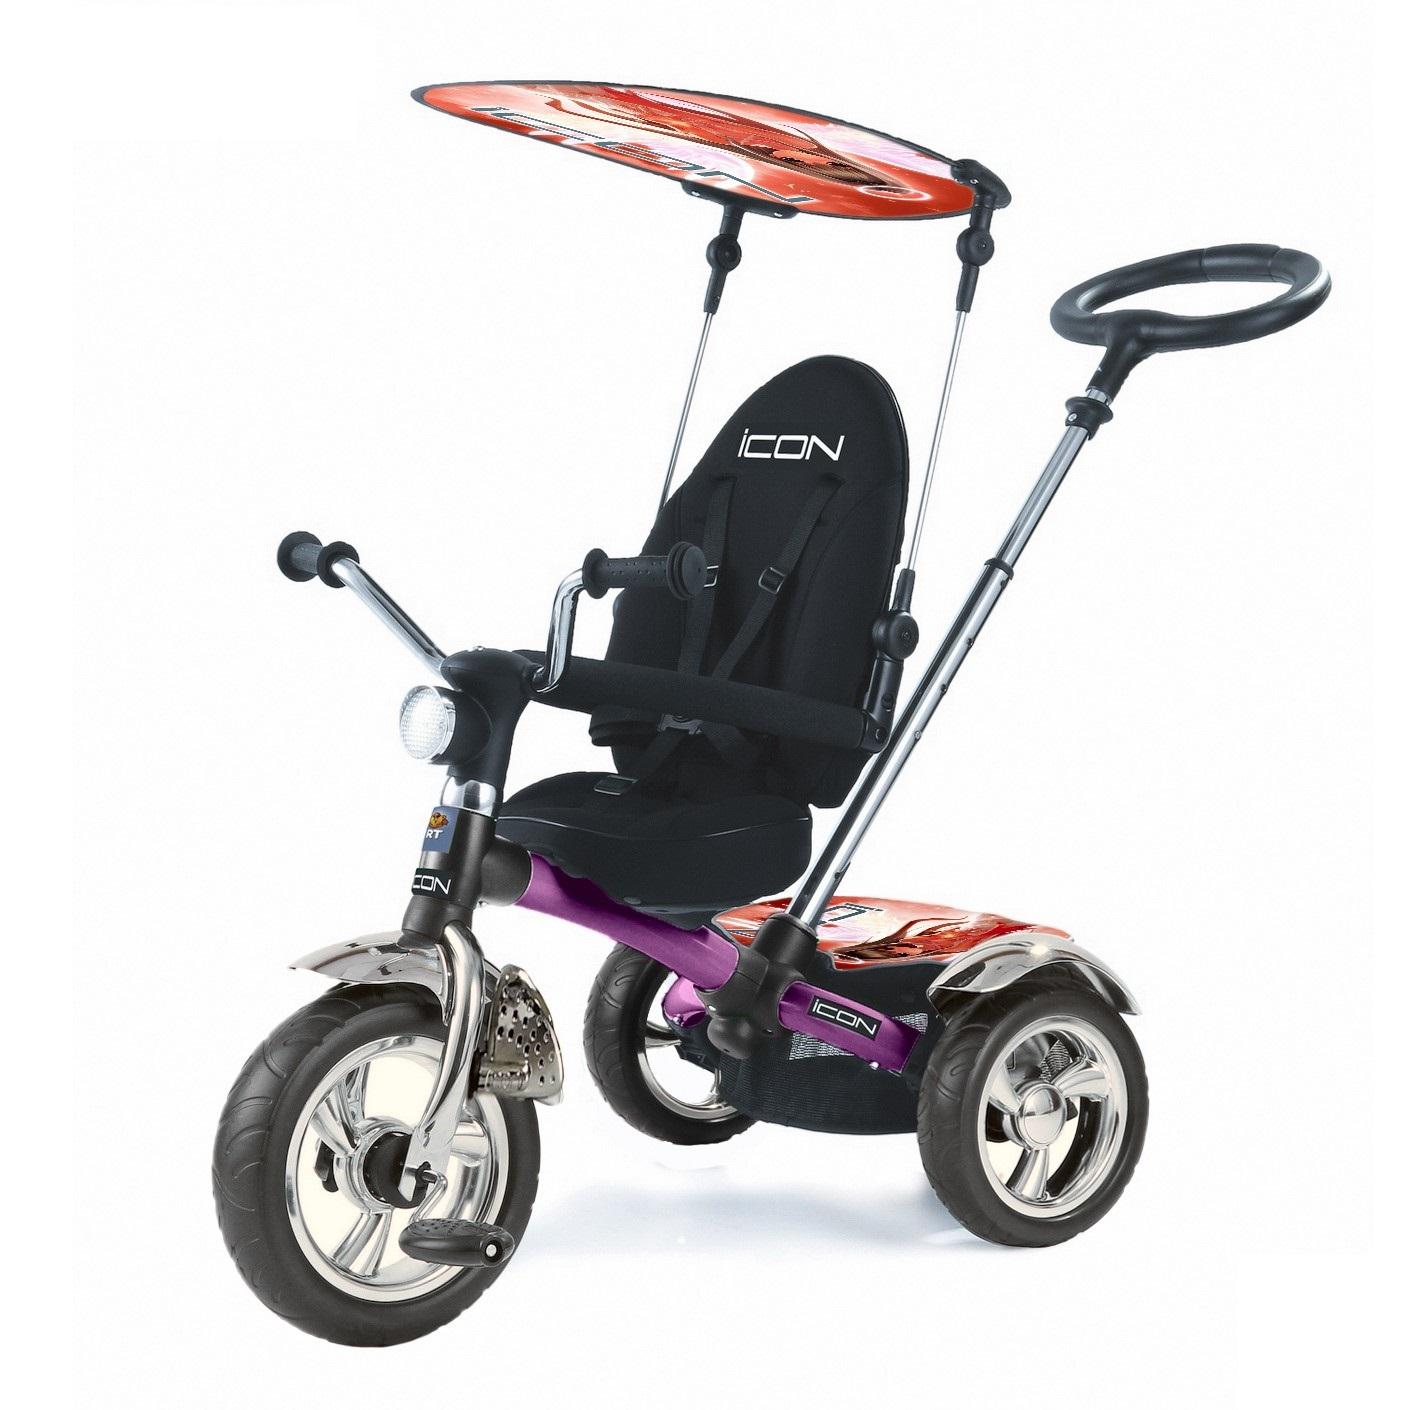 Купить ICON Трёхколёсный велосипед Lexus trike original 3 RT , цвет fuksia angel 4014, Китай